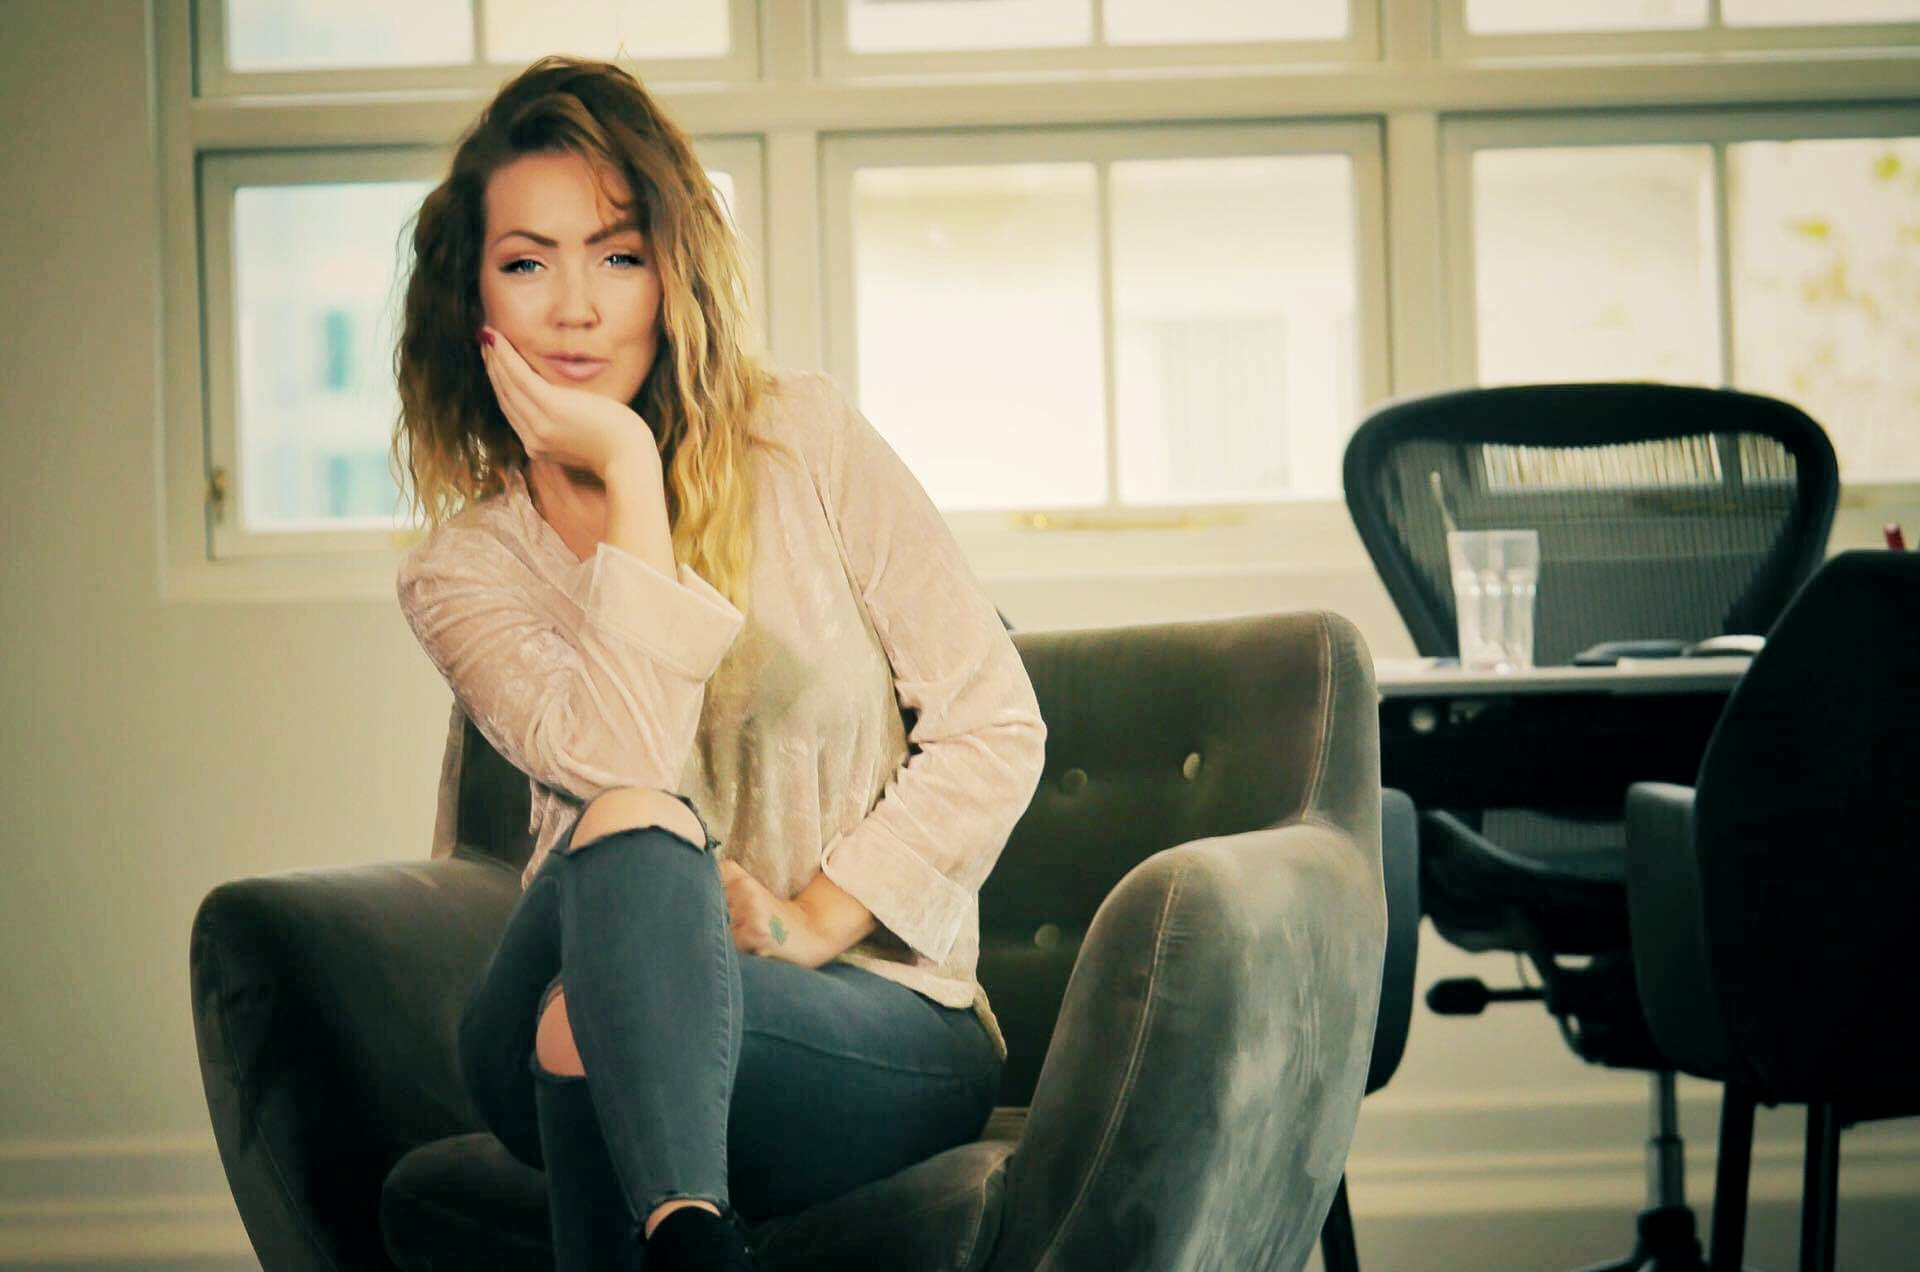 blogindlæg kvinderudenfilter.dk iværksætteri iværksætter, karrierekvinde, som iværksætter, hvordan er man en god chef